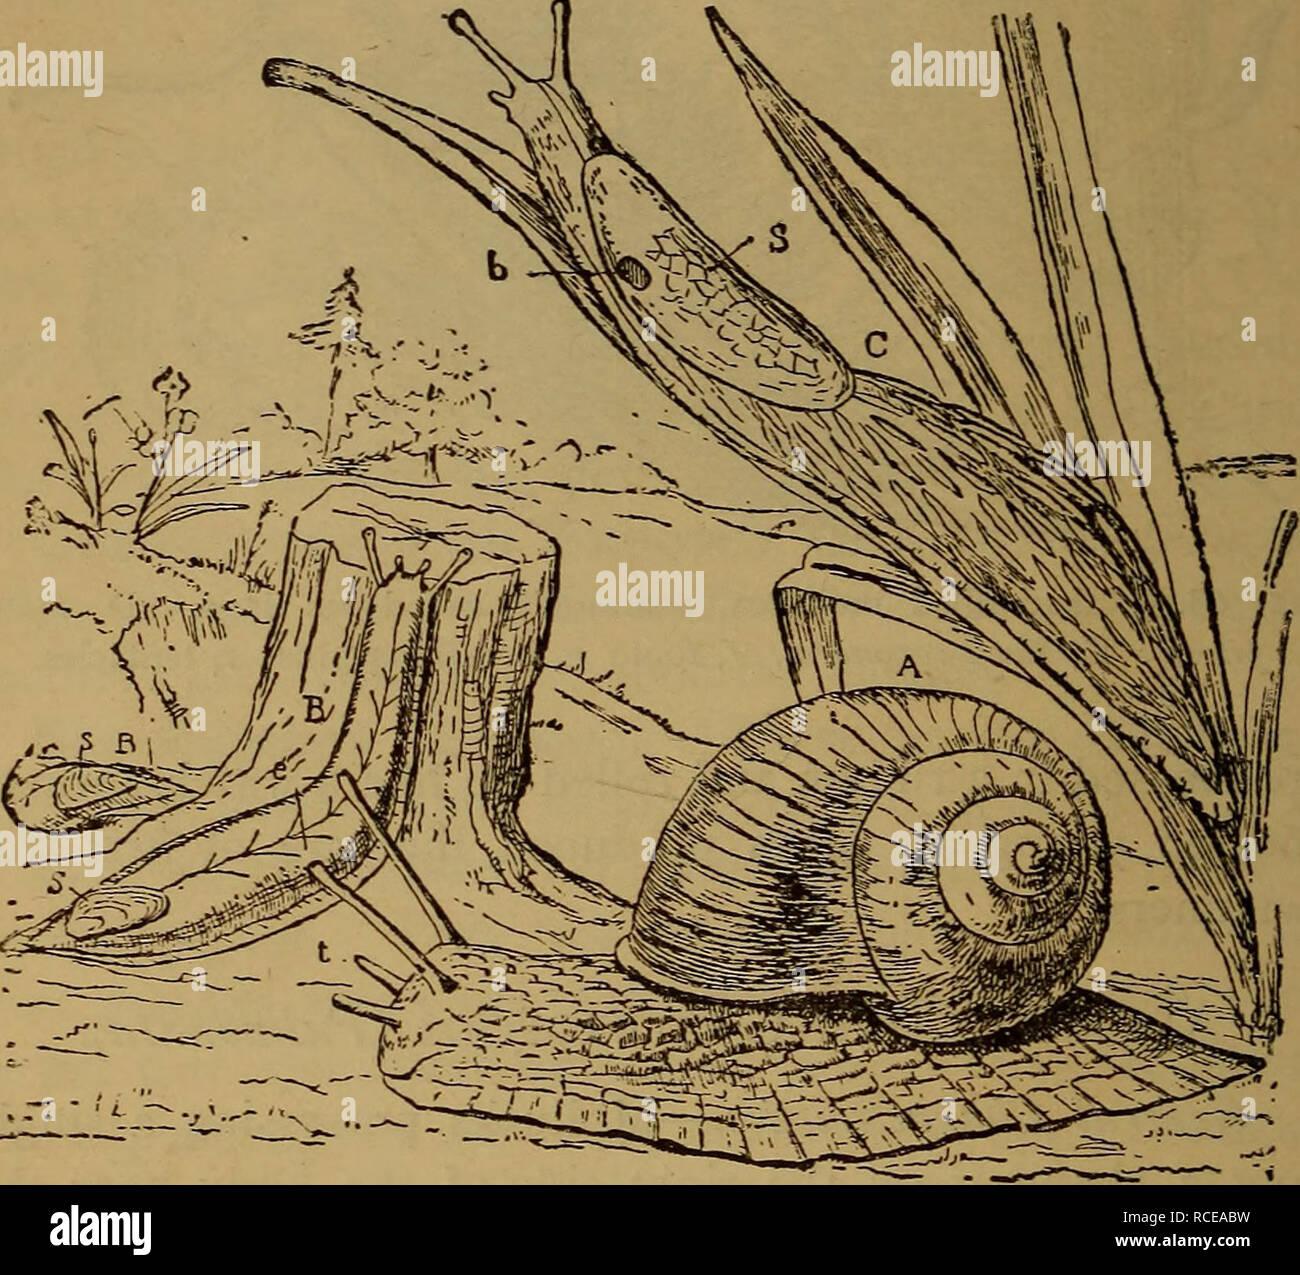 . Elemente der zoölogy. Zoologie. 66 WEICHTIERE A. Schnecken, Interessantes aus der großen Variationen der Shell. Die Eier sind in Kapseln (Bild gelegt. 69), in eine geleeartige Masse, spät im Frühjahr. Im Winter sie überwintern im Schlamm; 320 Arten bekannt sind. (Land-Snails Heliadce). - Drei tausend drei Hun - dred und 32 Arten sind in verschiedenen bekannt. FlG. 70.- Atemluft- gasteropods: Schnecken. A, Garten Schnecke {Helix), B, B, slug Testacella - eine disappeai-ing in den Boden, und nur der Schwanz zeigen; C, die großen grauen Slug (limax); s, Shell, t, TEN-E, tacles; Augen; b Stockfoto